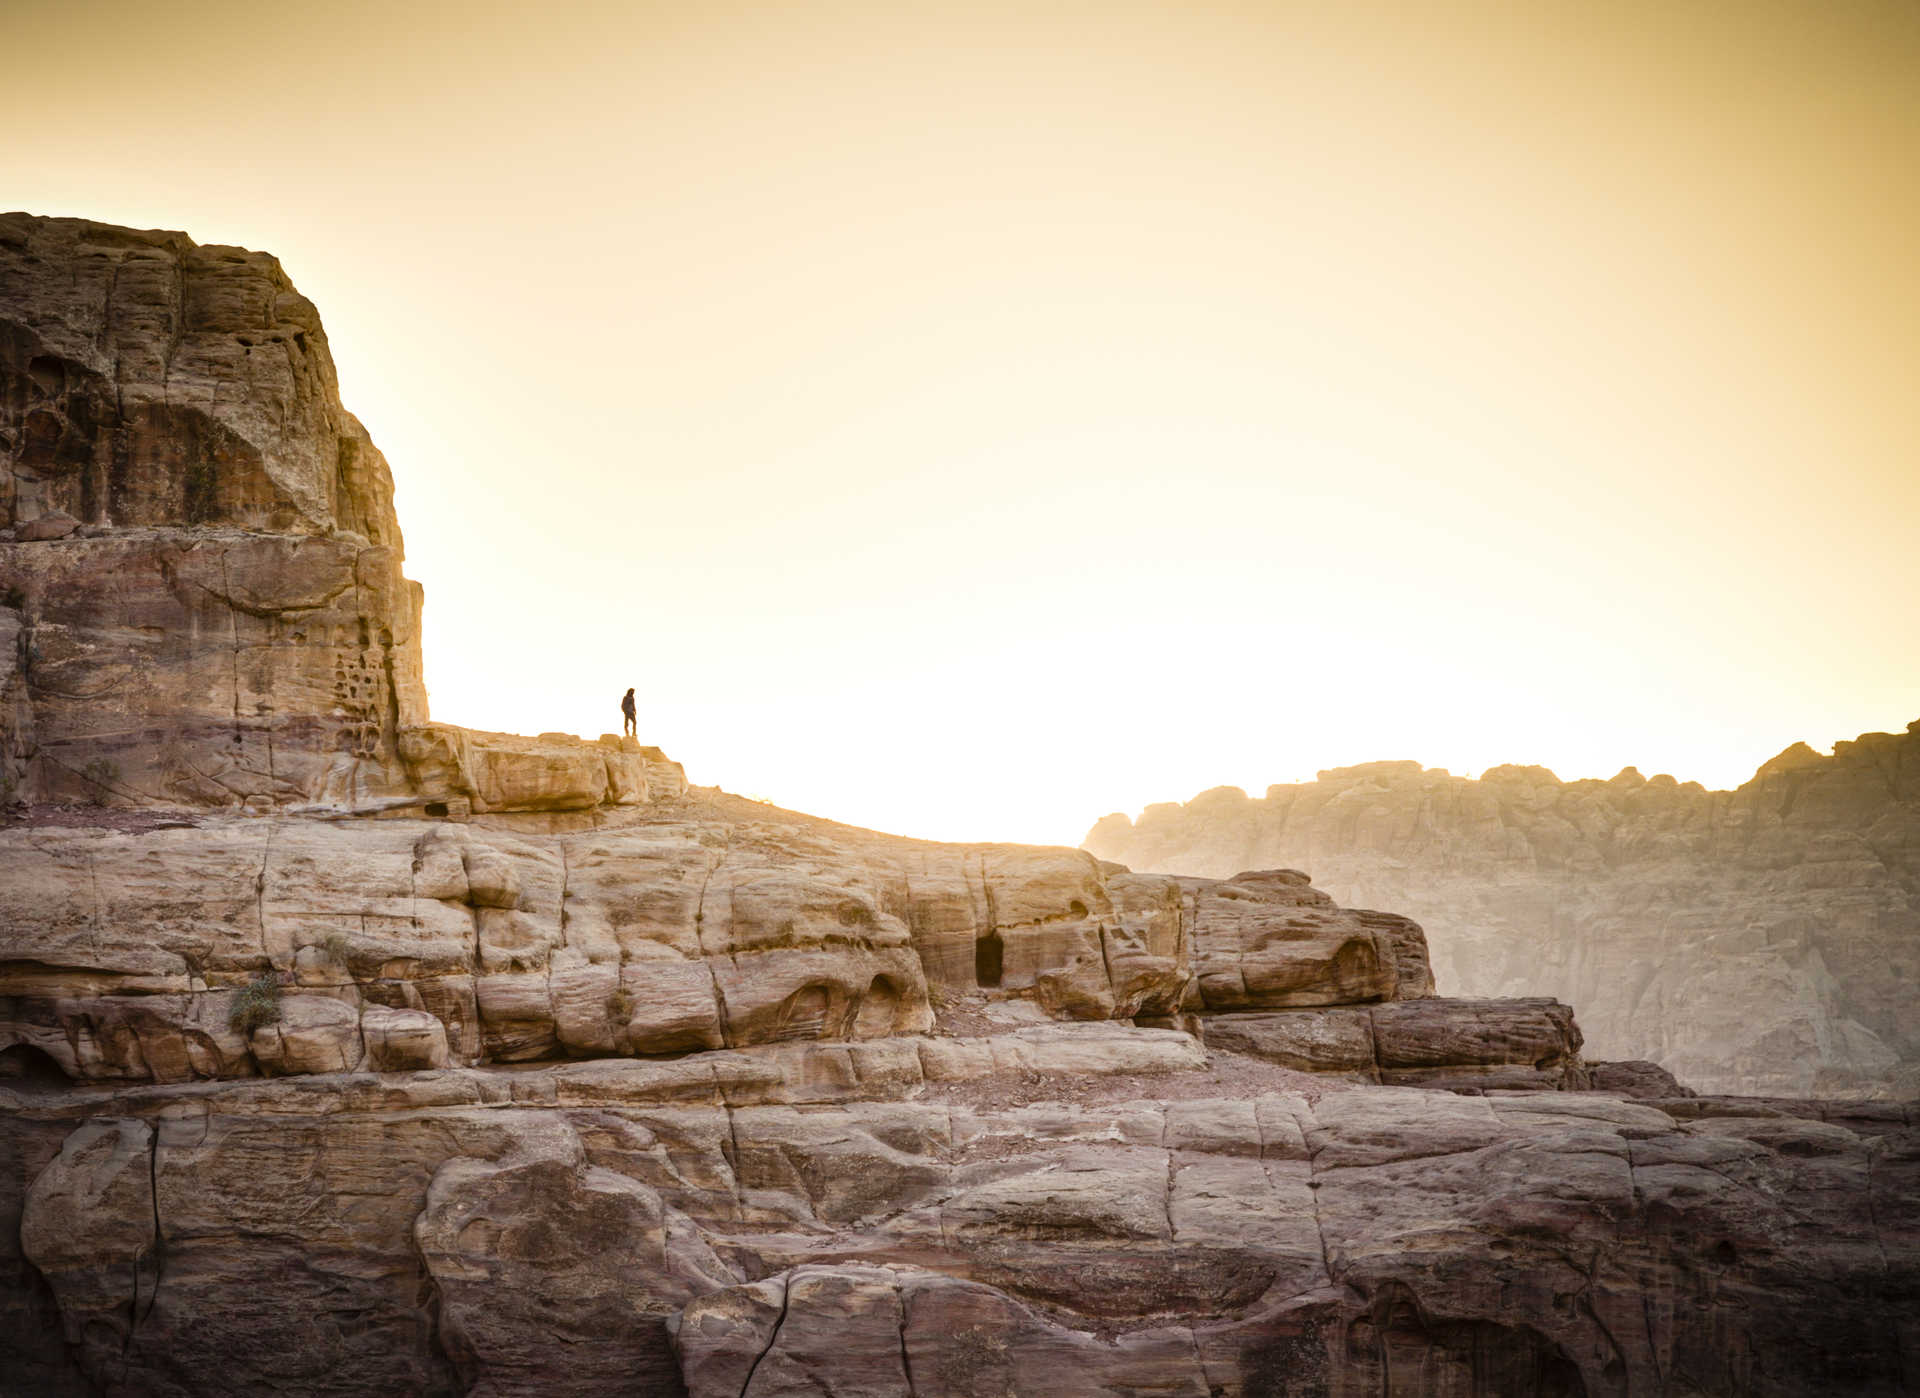 Randonneur sur les rochers à Petra, Jordanie